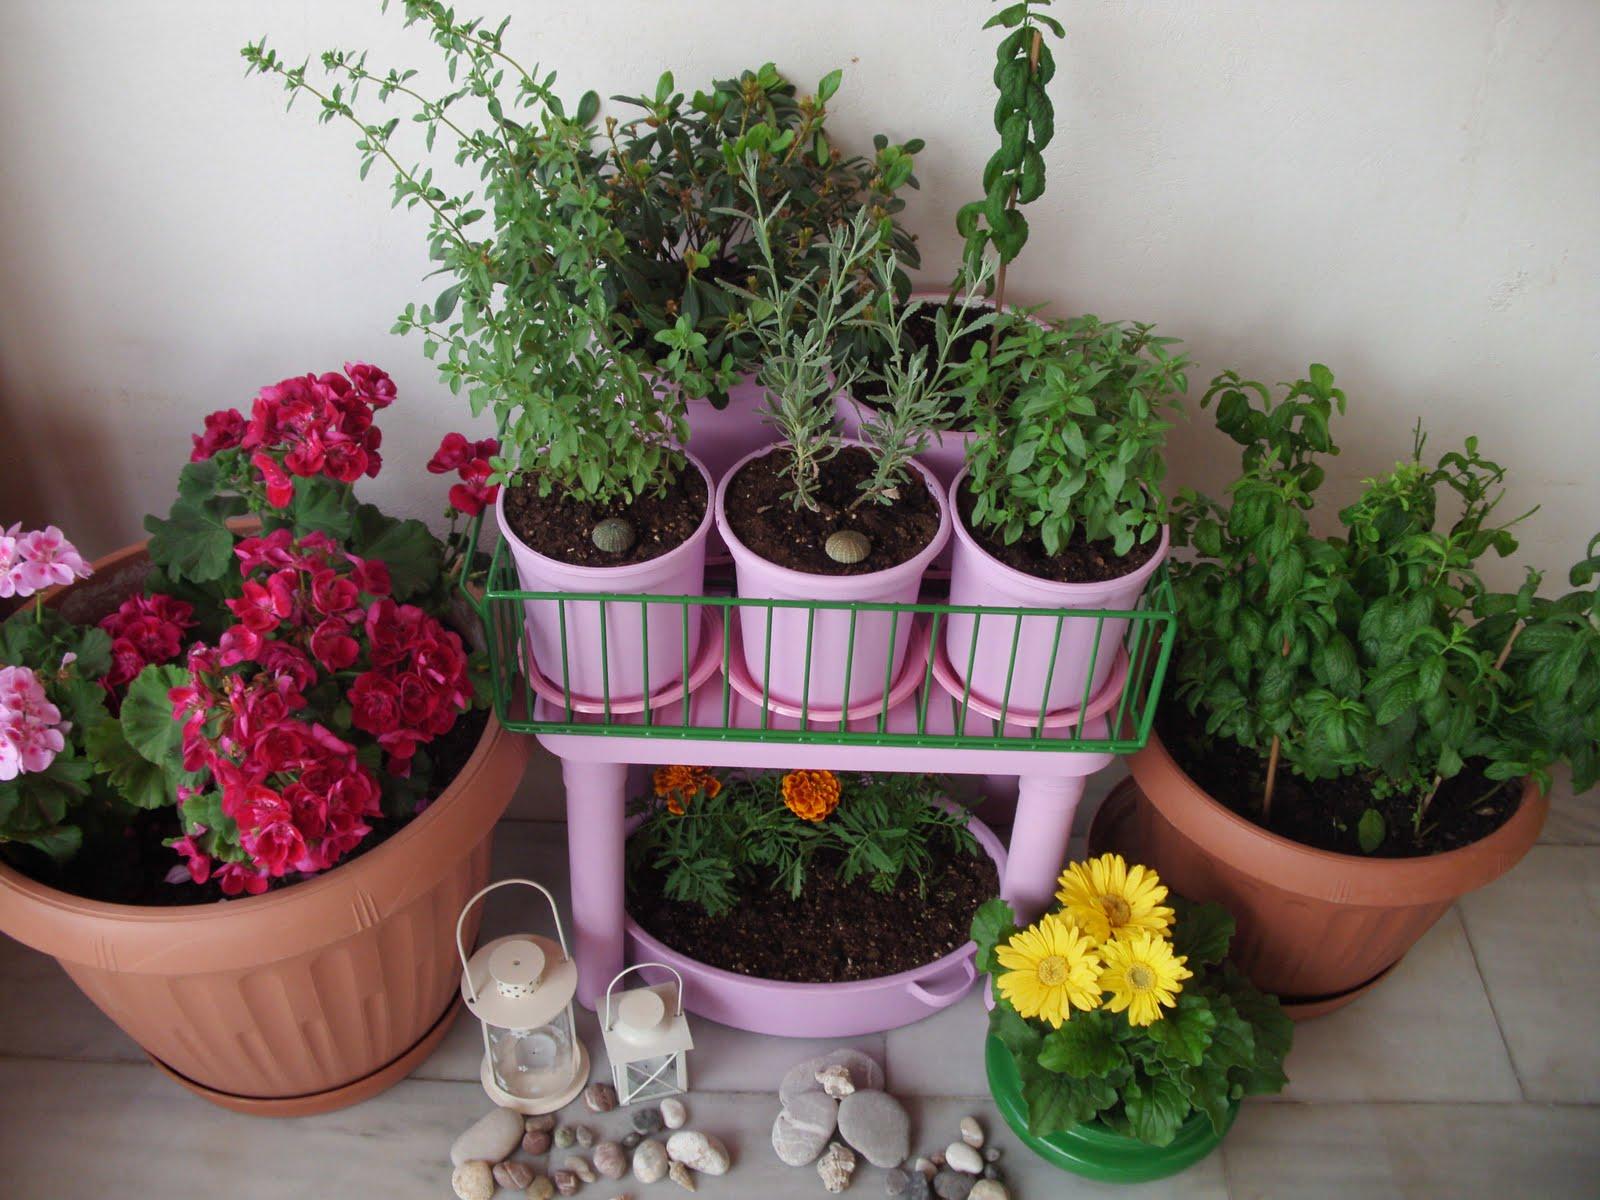 Φύτεψε λουλούδια και μυρωδικά στο μπαλκόνι σου